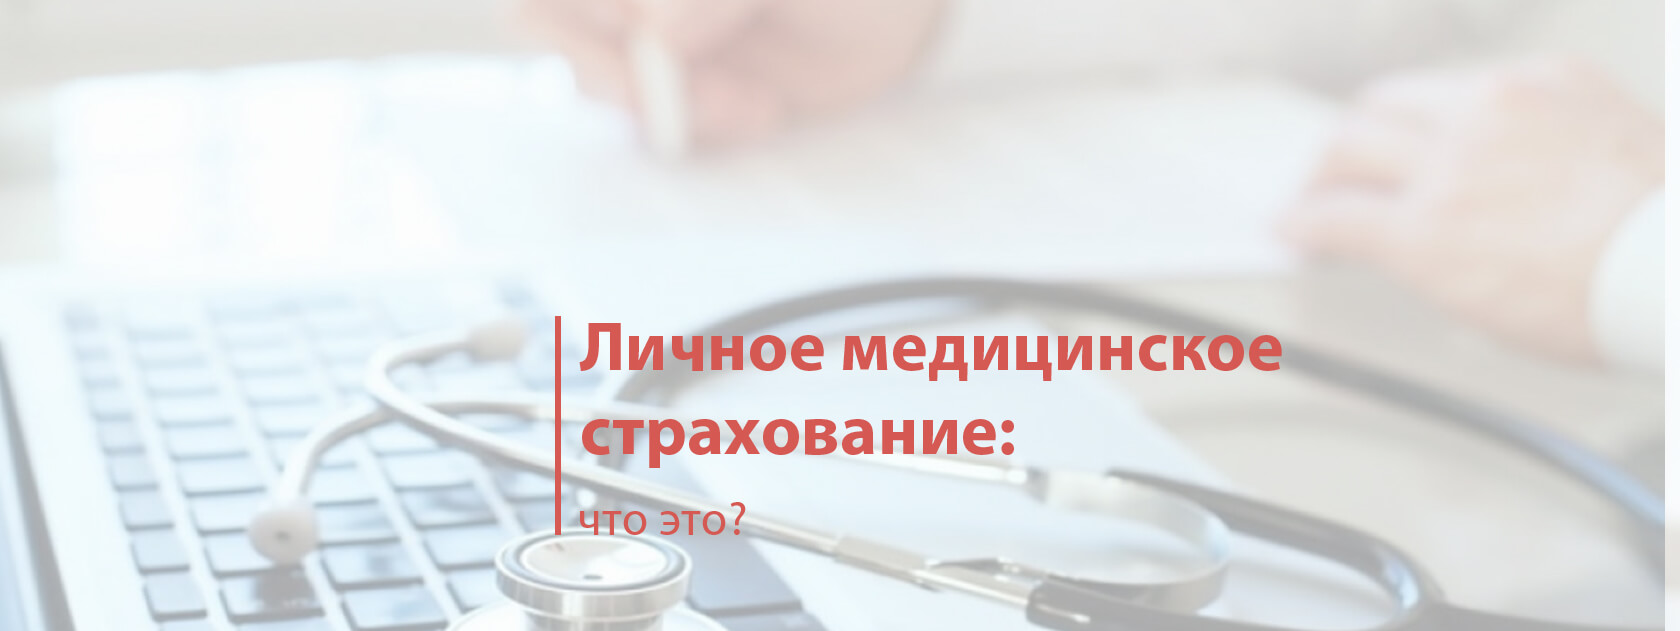 Личное медицинское страхование